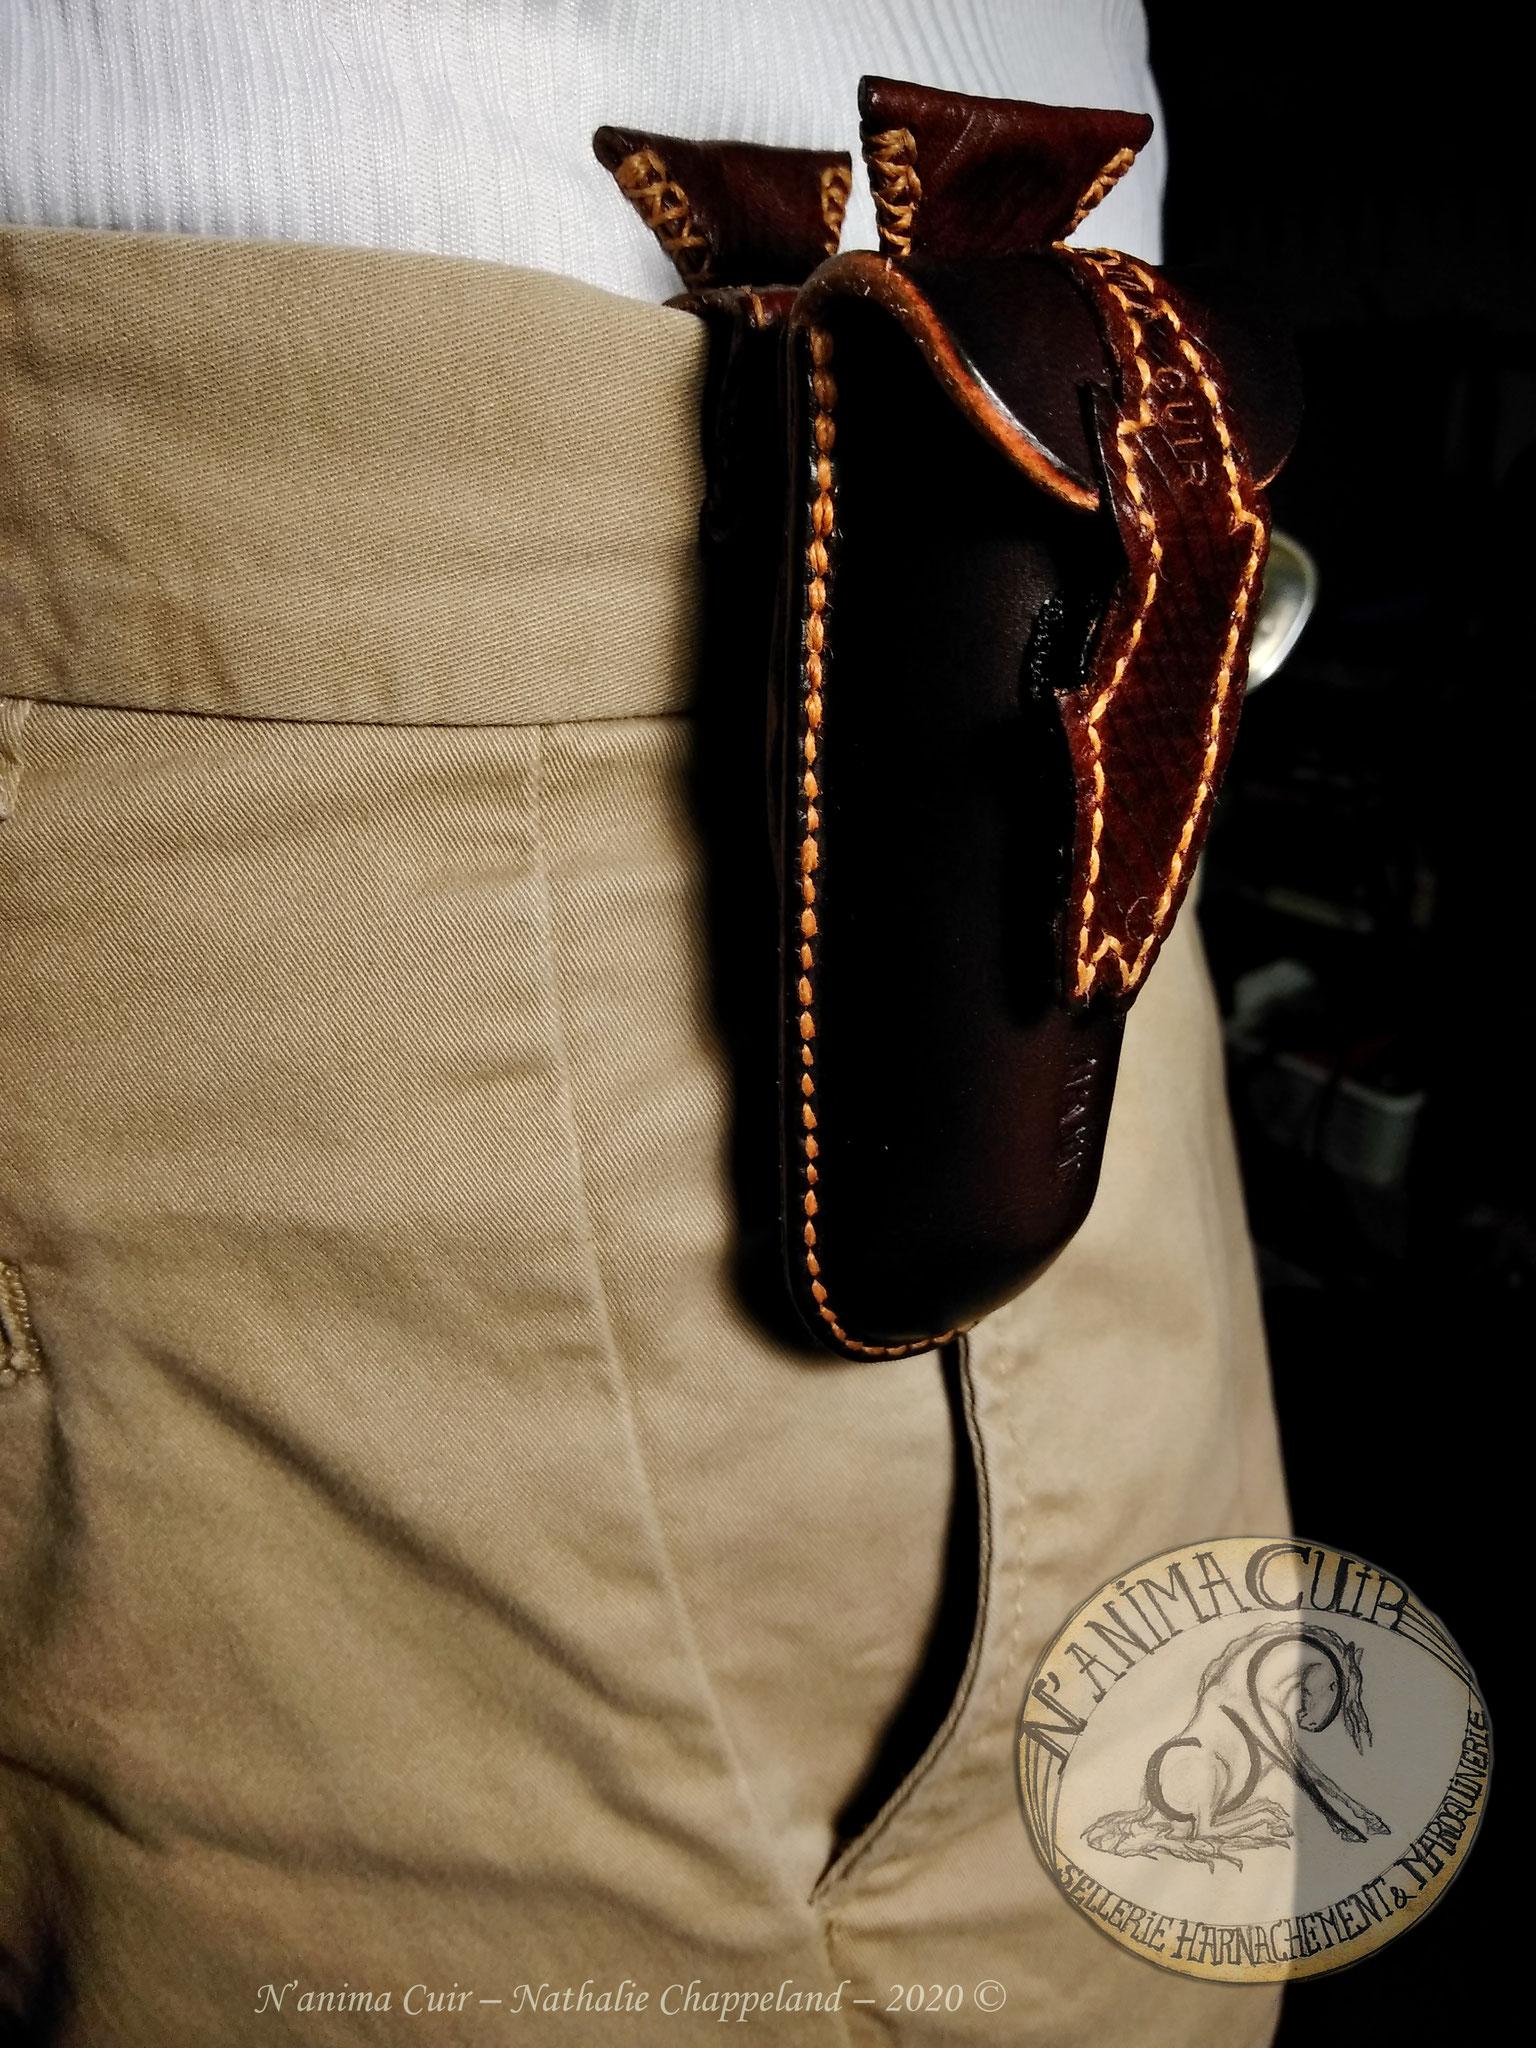 """étuis à couteau suisse personnalisé, fermeture """"poisson"""" scratch, mix 2 cuirs, pince pantalon gainée intégrée et passant de ceinture amovible, bouton col-de-cygne, couture main au point sellier, N'anima Cuir2020 ©"""